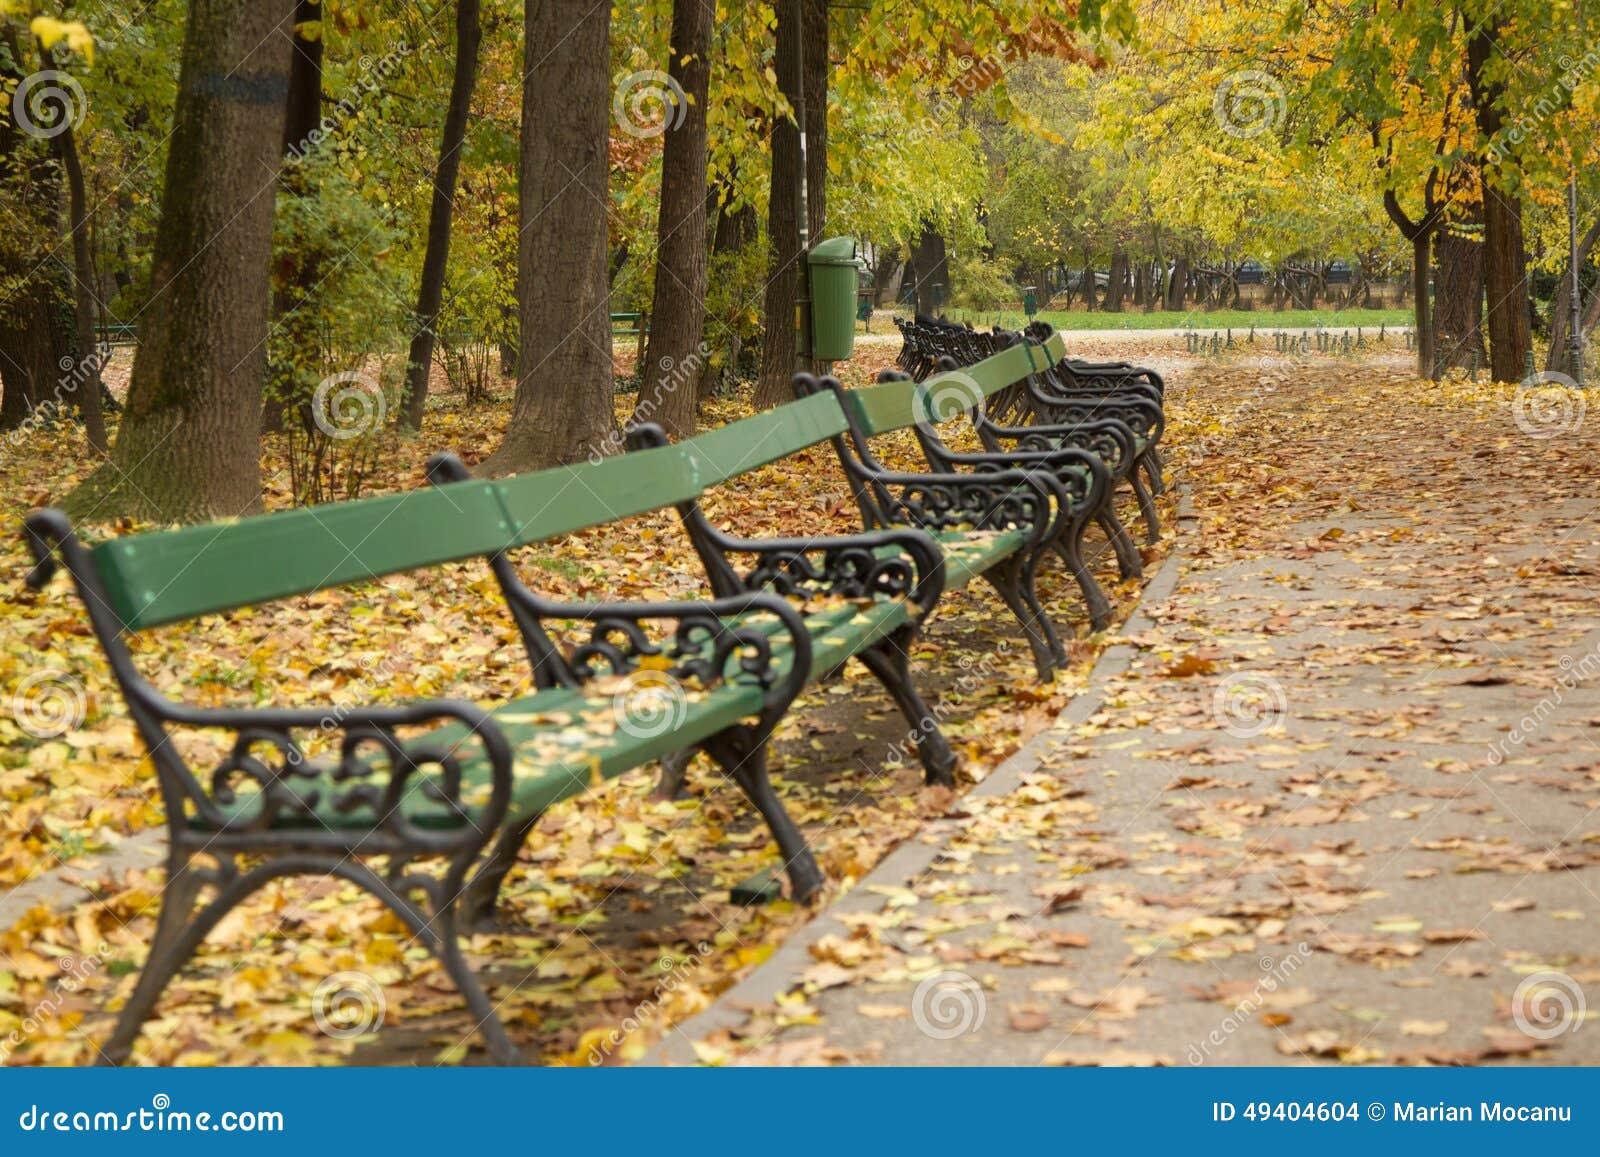 Download Herbstgasse im Park stockfoto. Bild von schön, herbstlich - 49404604